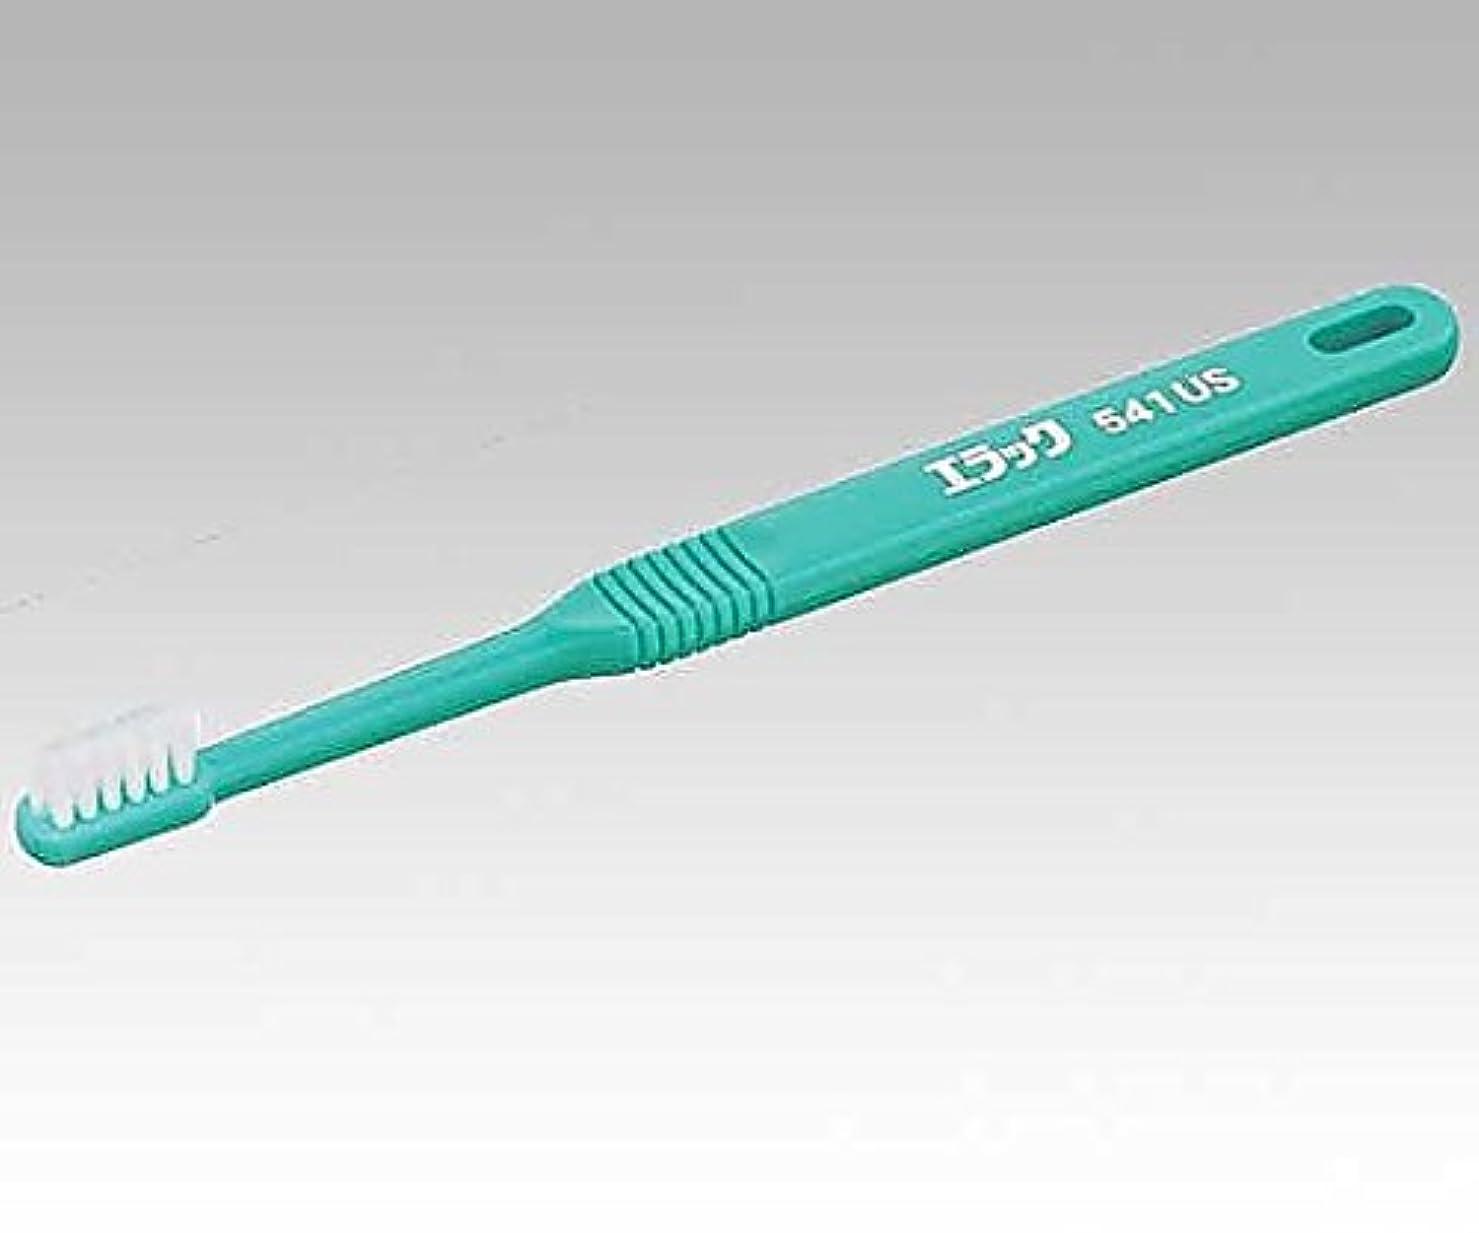 素晴らしいですガイダンス光ライオン8-7892-11介助用歯ブラシ(ウルトラソフト/20箱入)